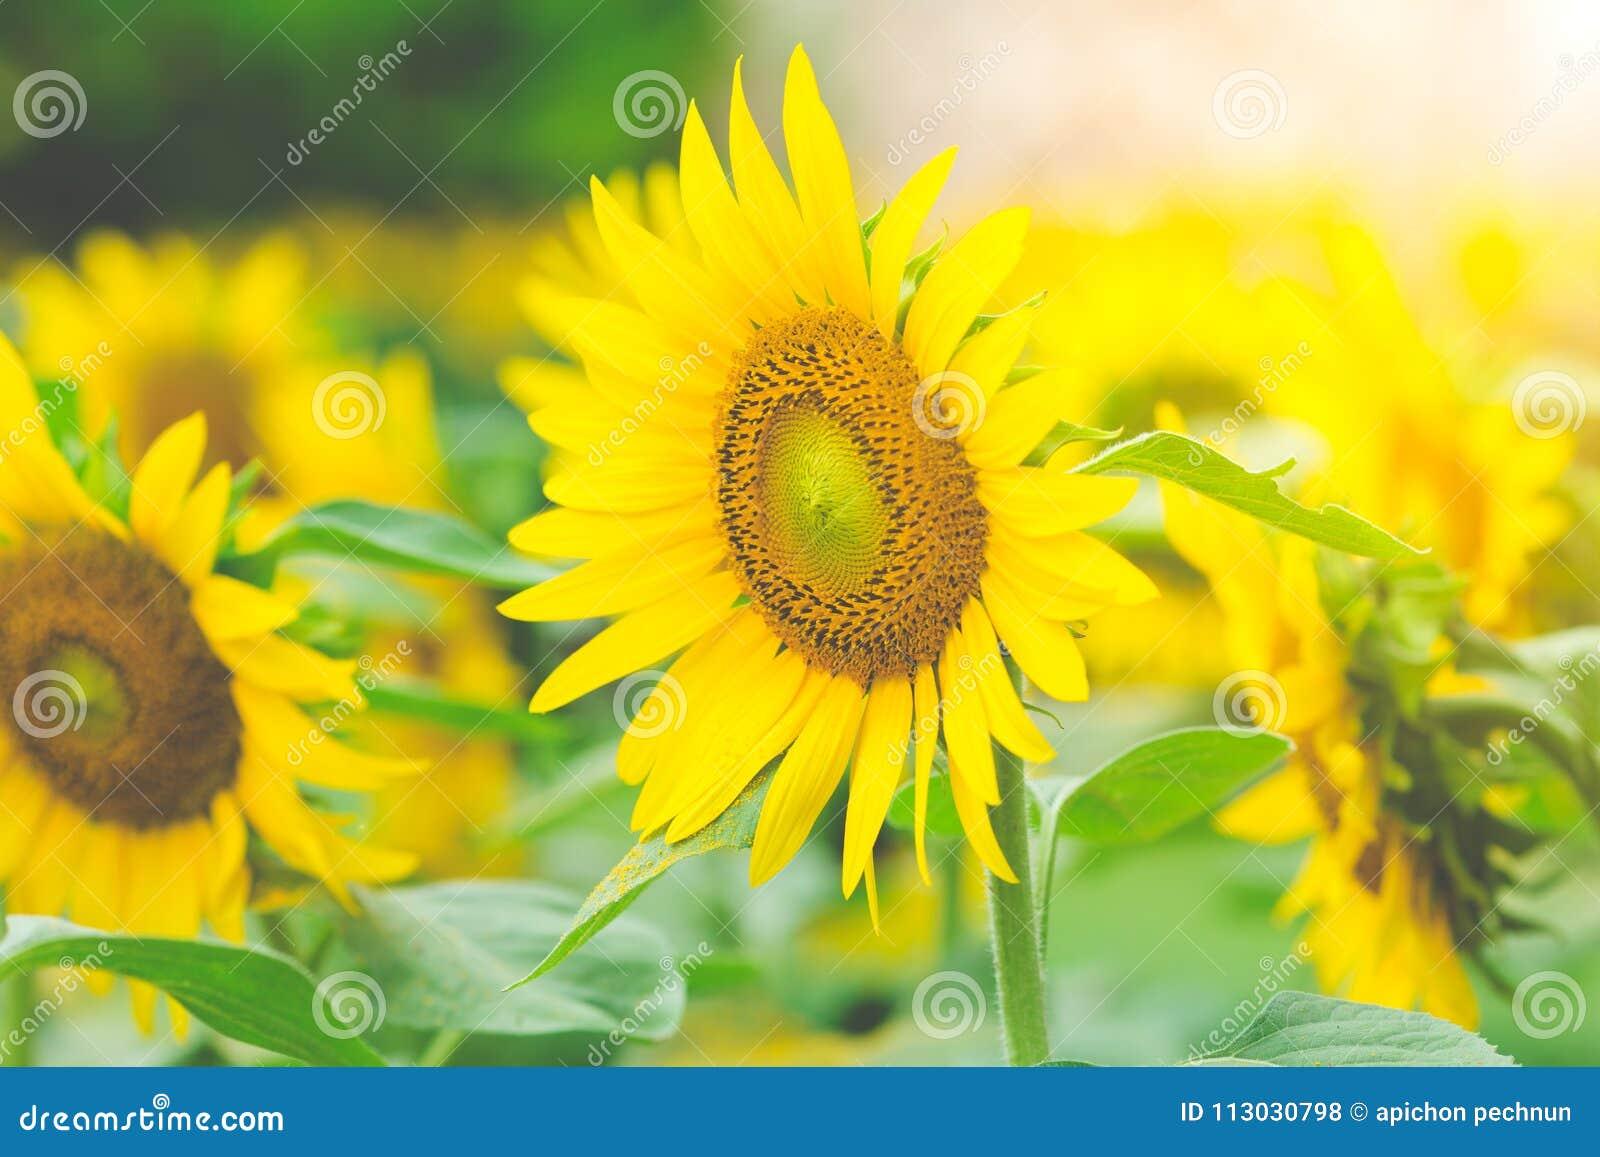 Girasoles en el campo con luz del sol por la mañana